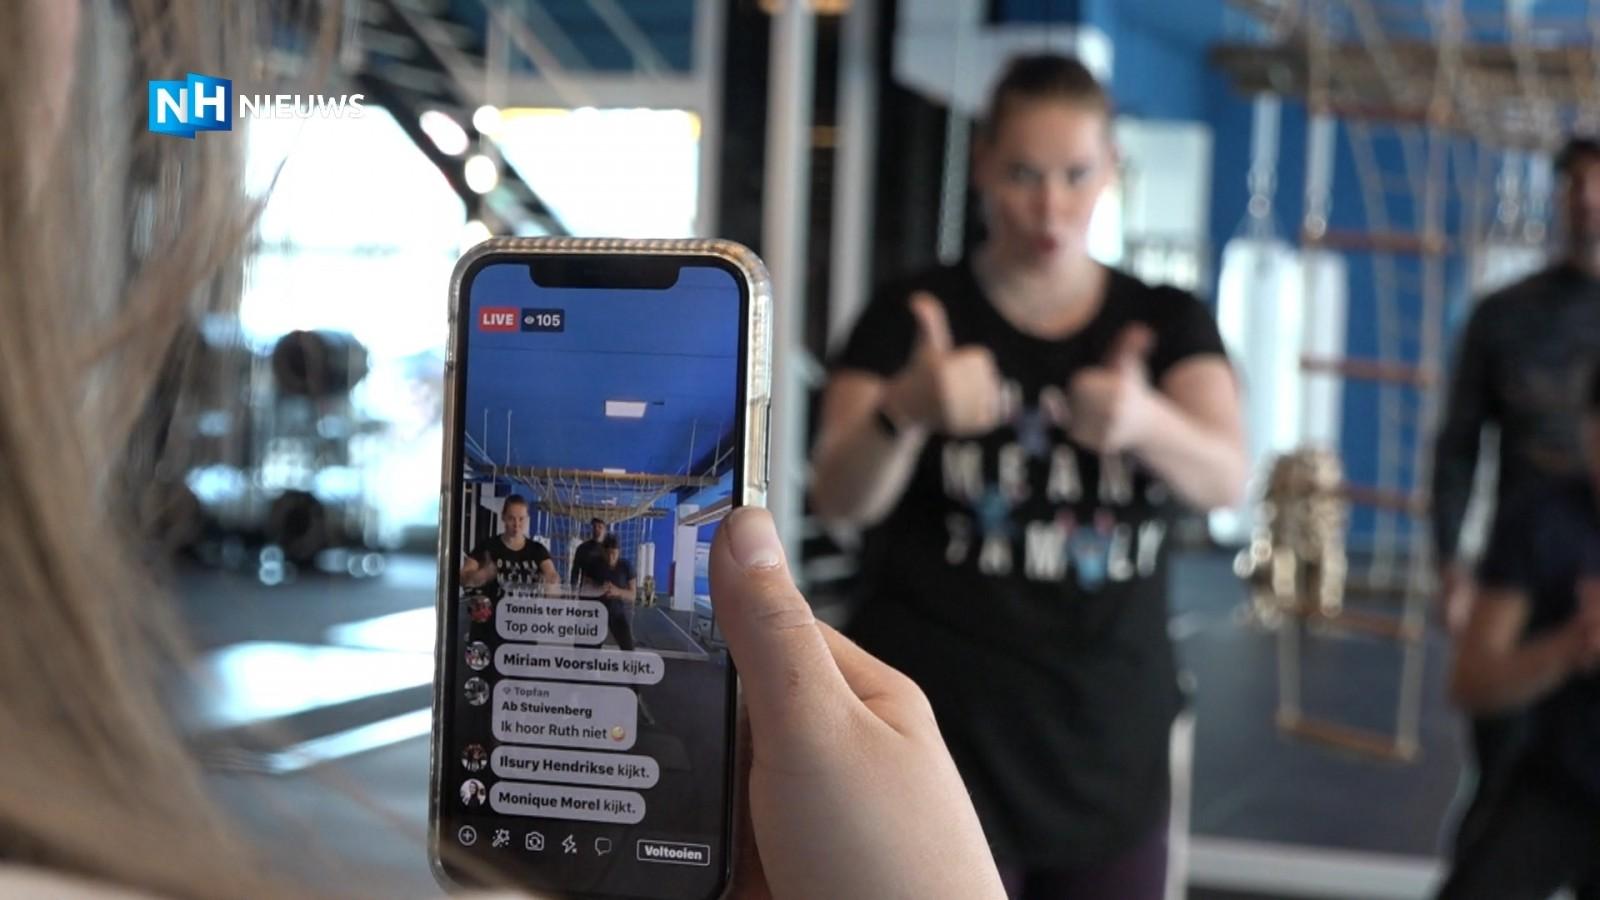 Thuis sporten voor echt iedereen: Hilversumse sportschool zorgt ervoor